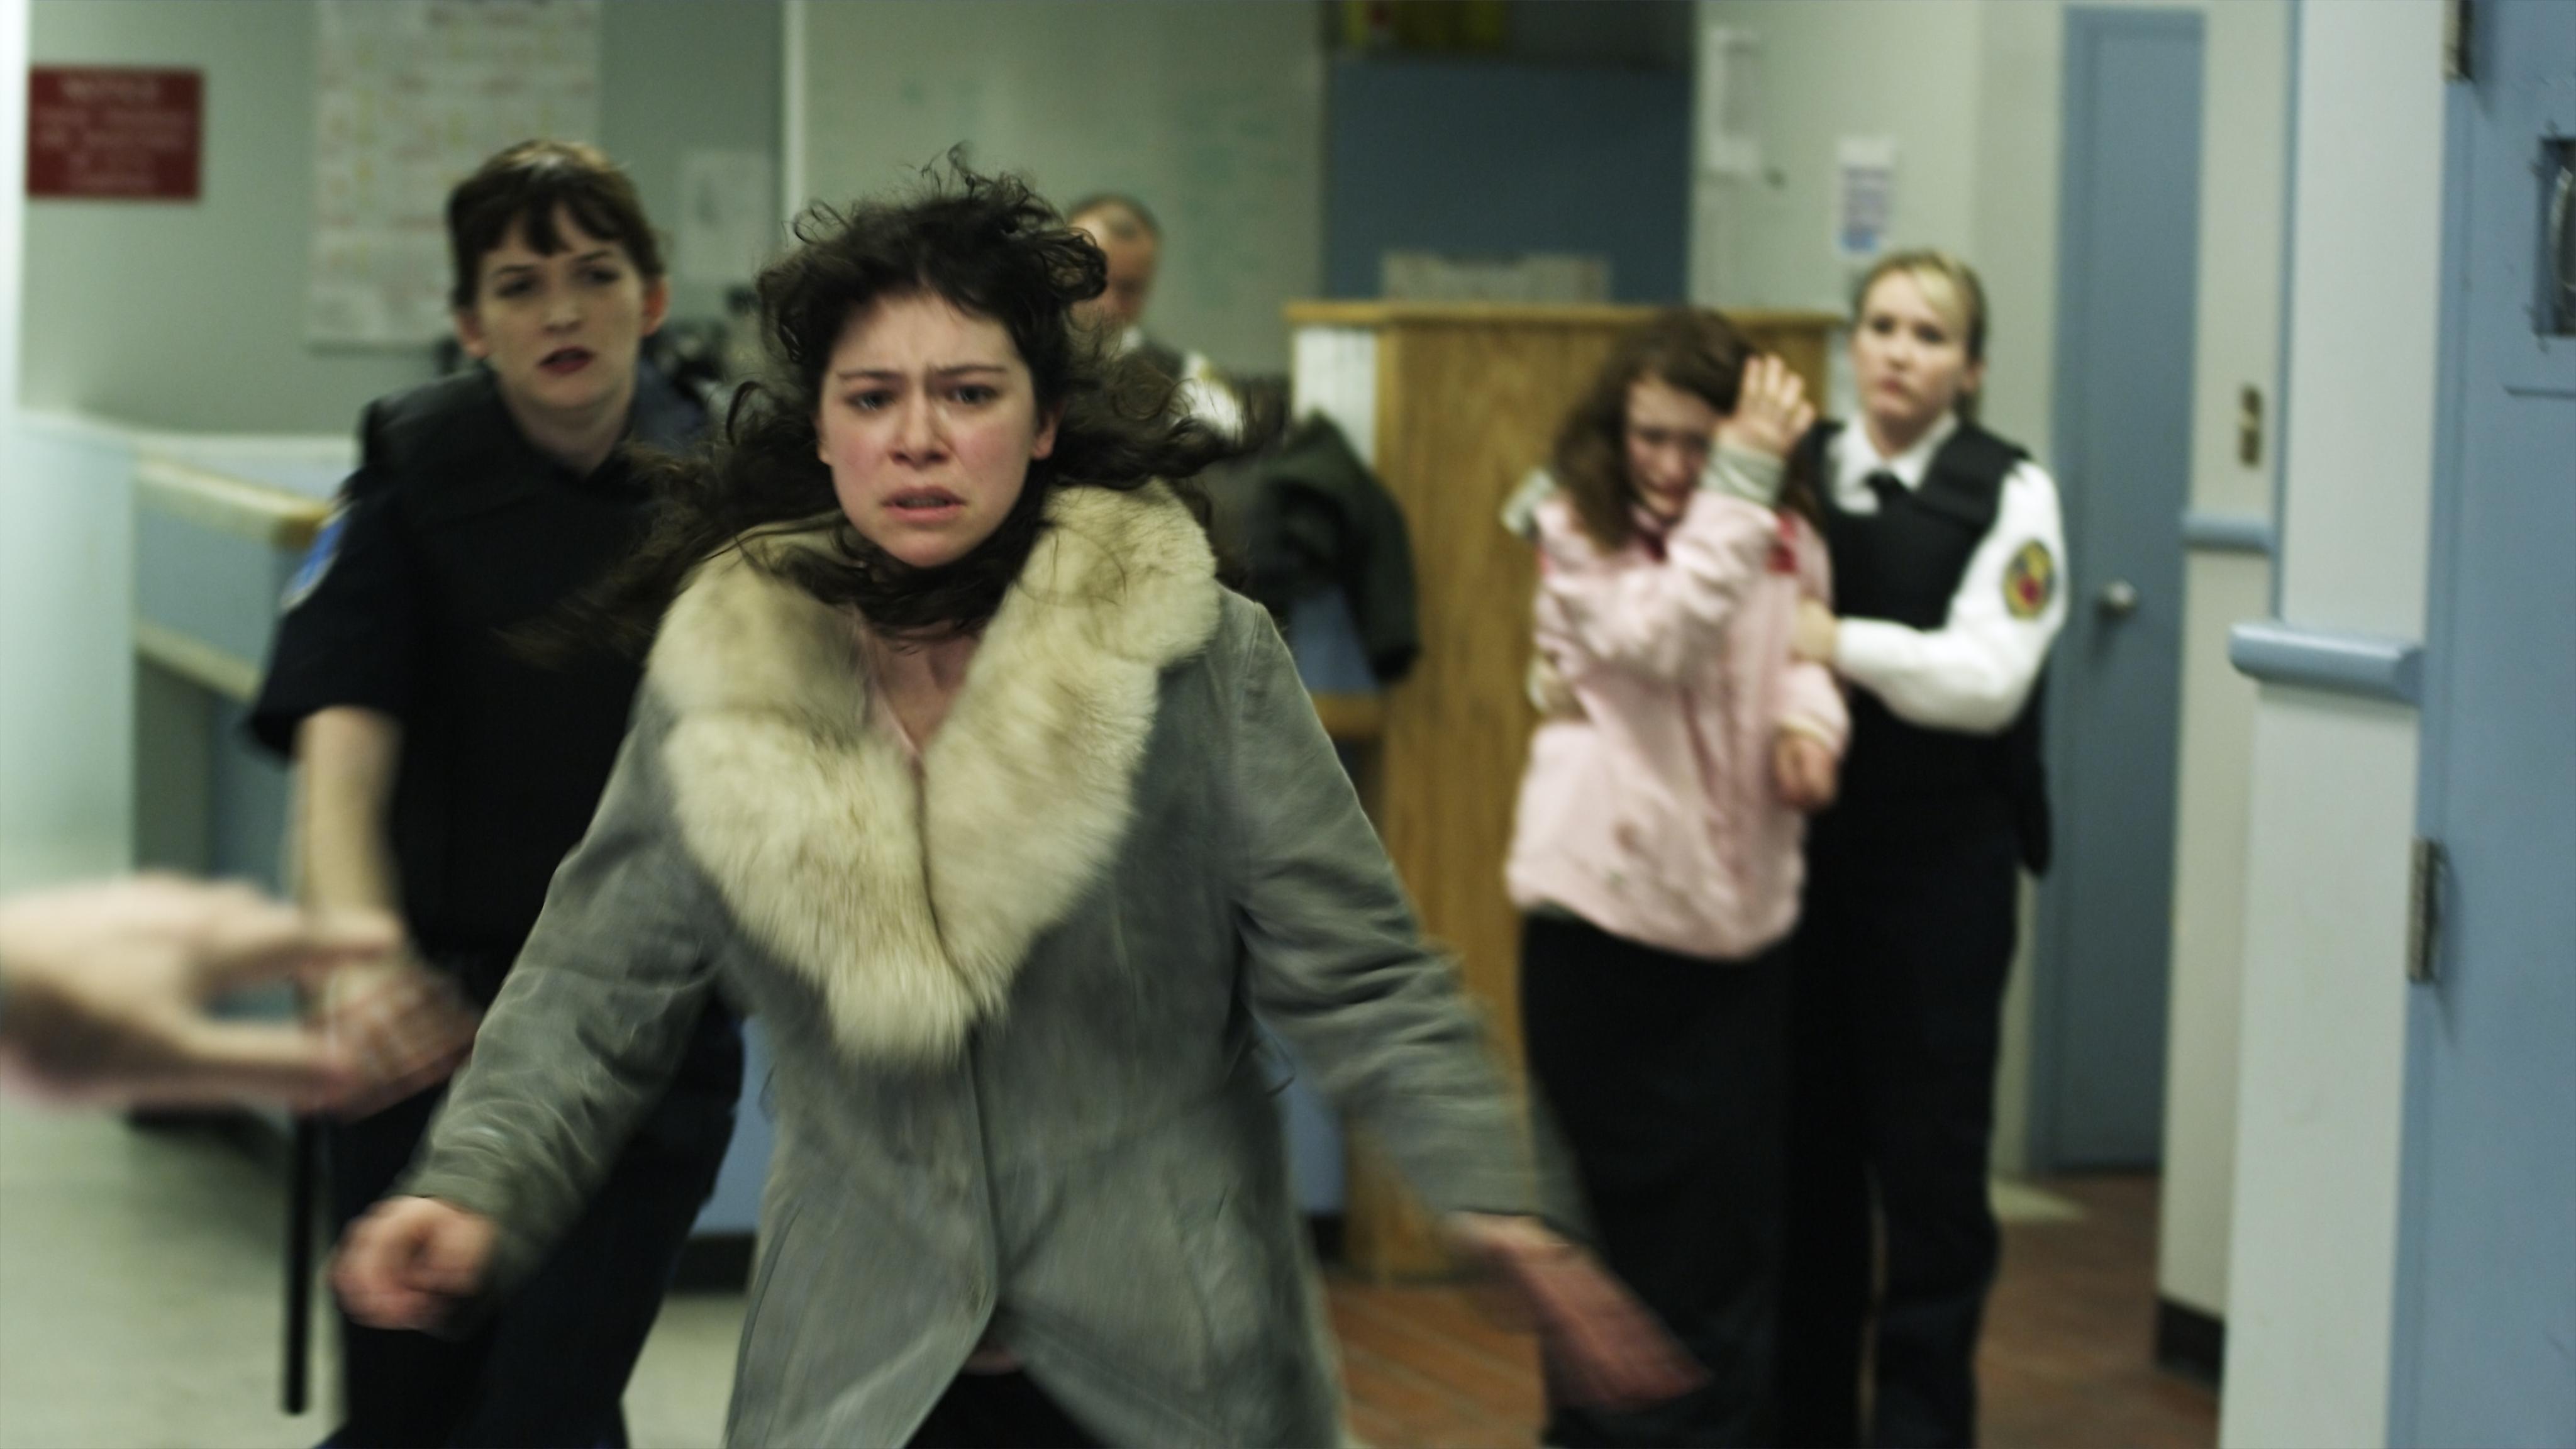 Tatiana Maslany in Grown Up Movie Star (2009)